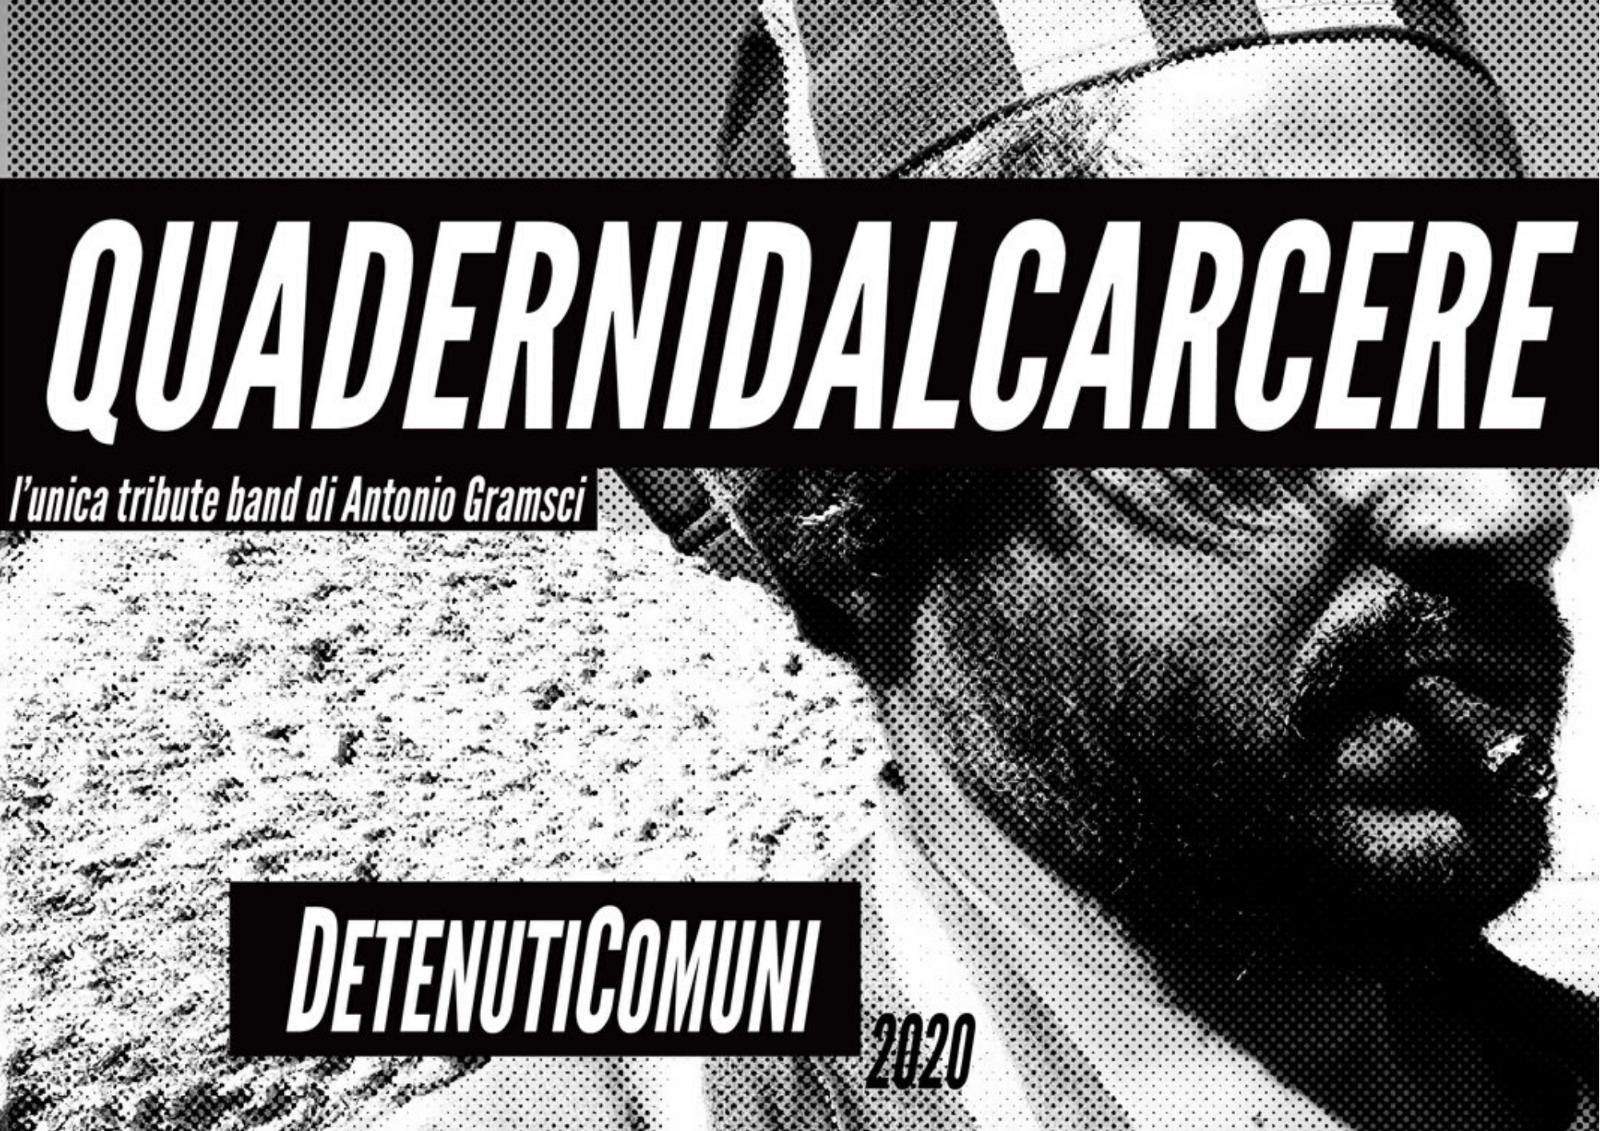 QuaderniDalCarcere - DetenutiComuni - Tributo ad Antonio Gramsci - Sassari - Bandcamp - player - 2020 - Sa Scena Sarda